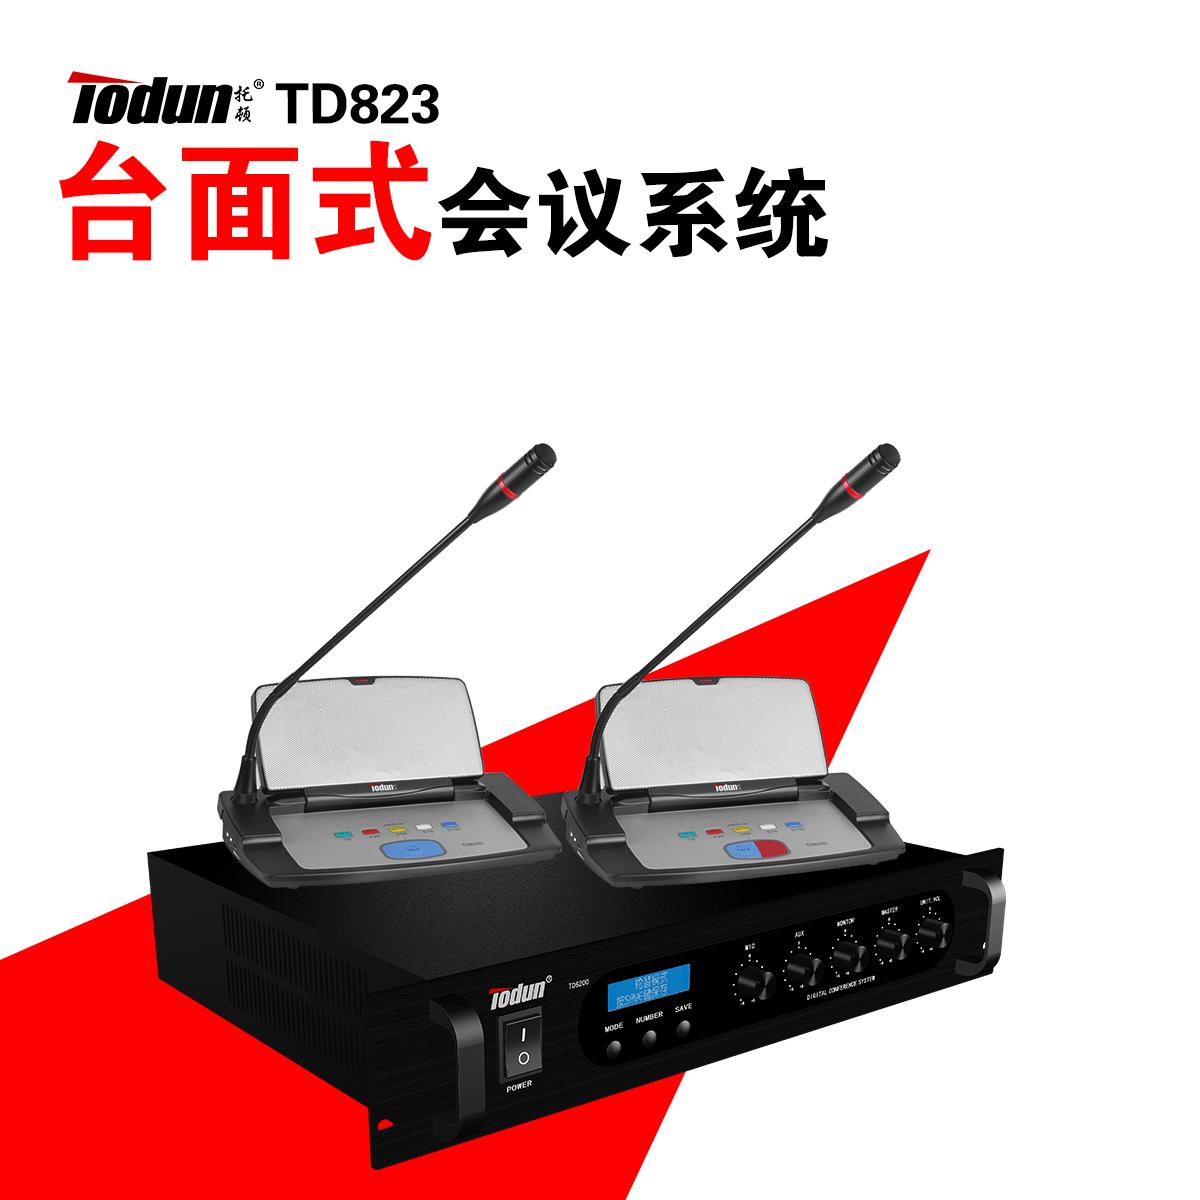 政协会议厅会议室-视频表决会议系统TD6300 发言话筒TD823